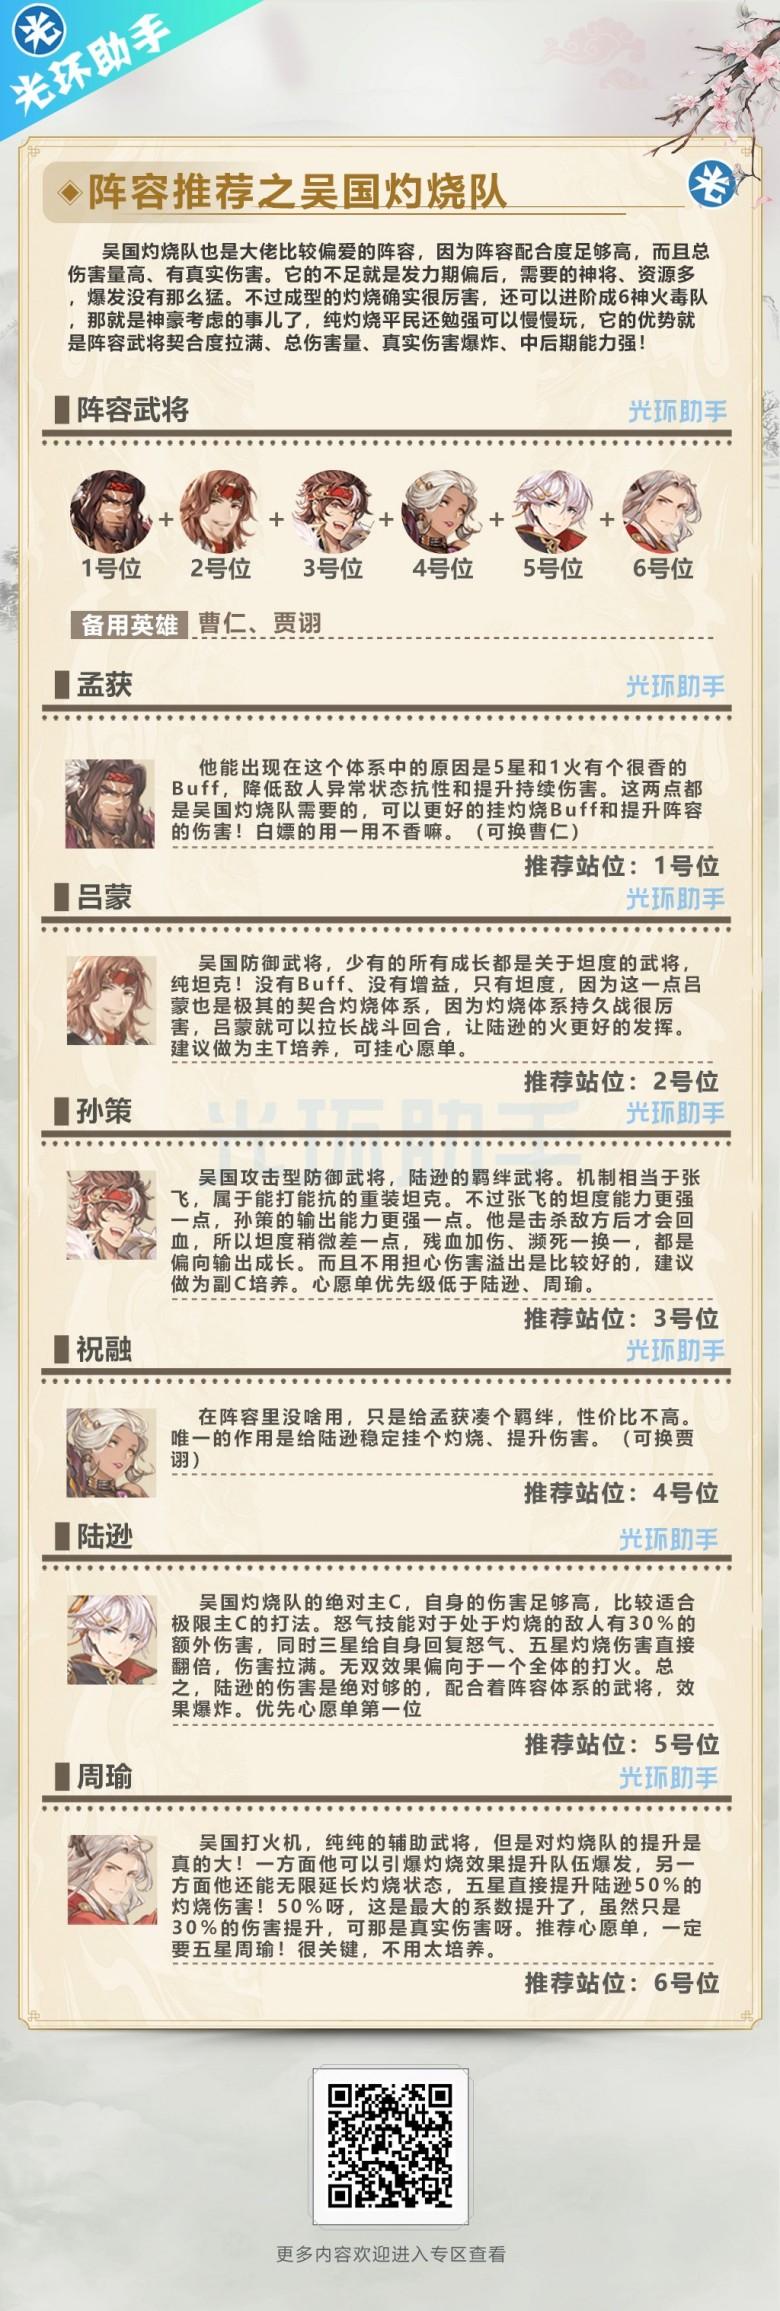 三国志幻想大陆阵容推荐,吴国灼烧队怎么搭配呢